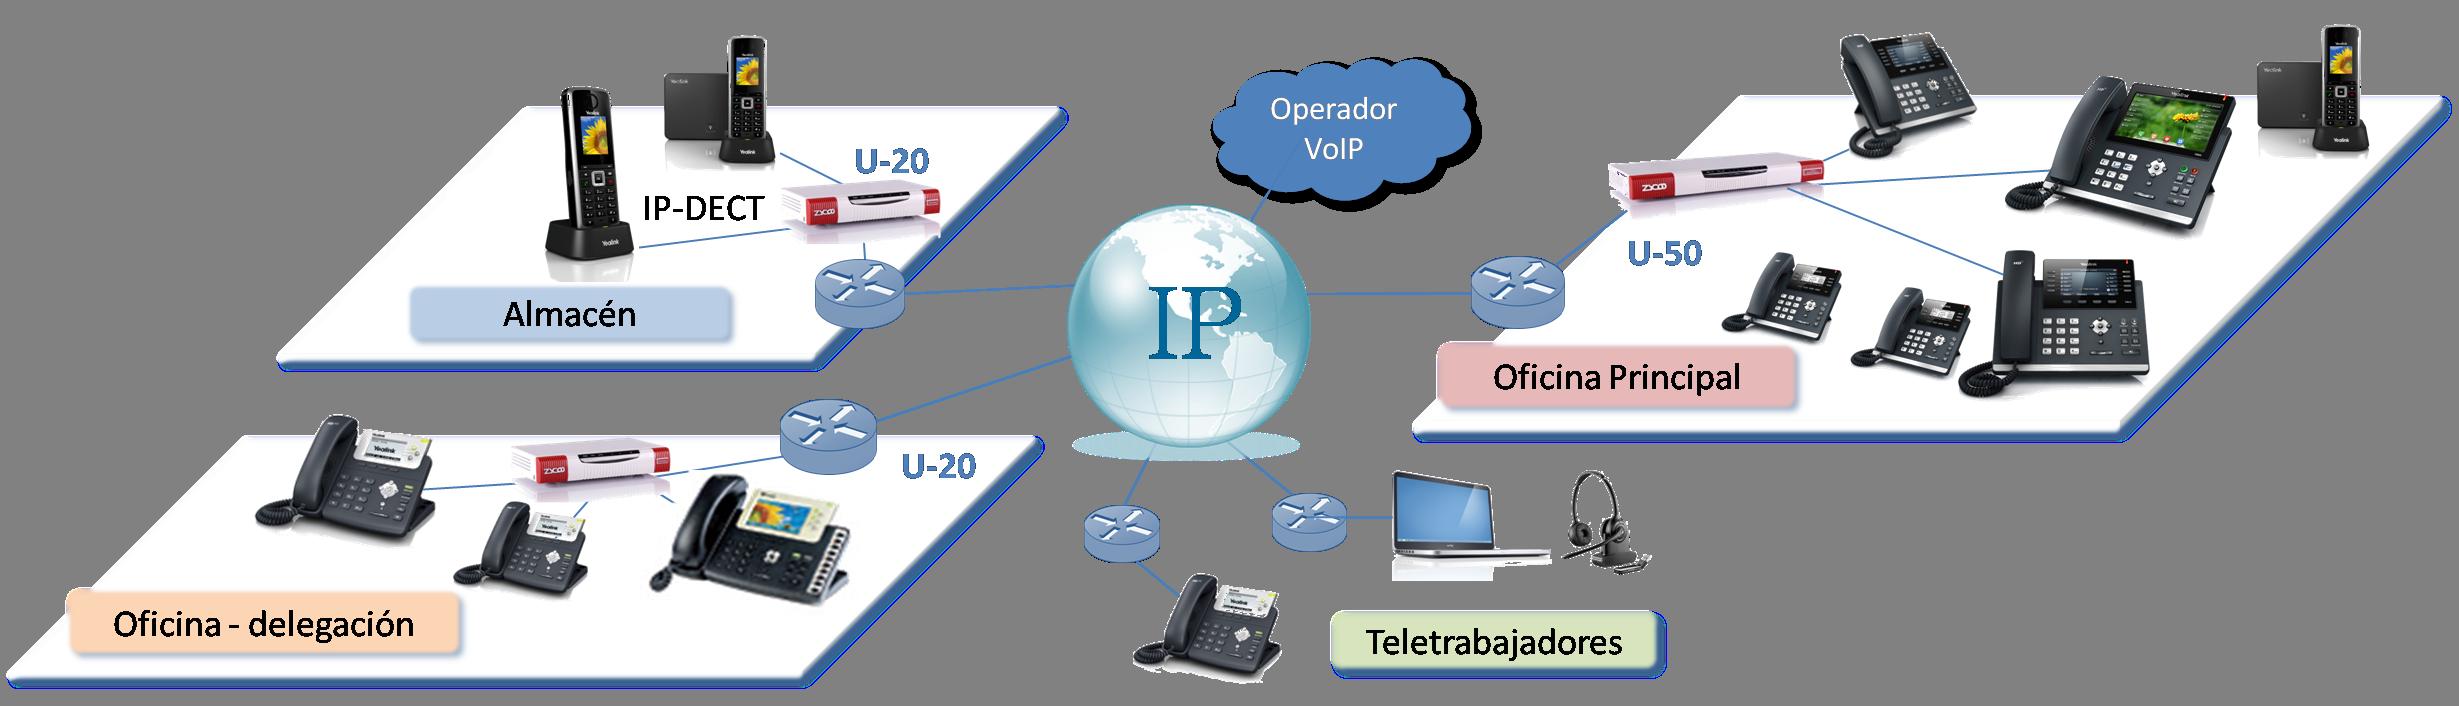 solucion_de_telefonia_ip_1.png